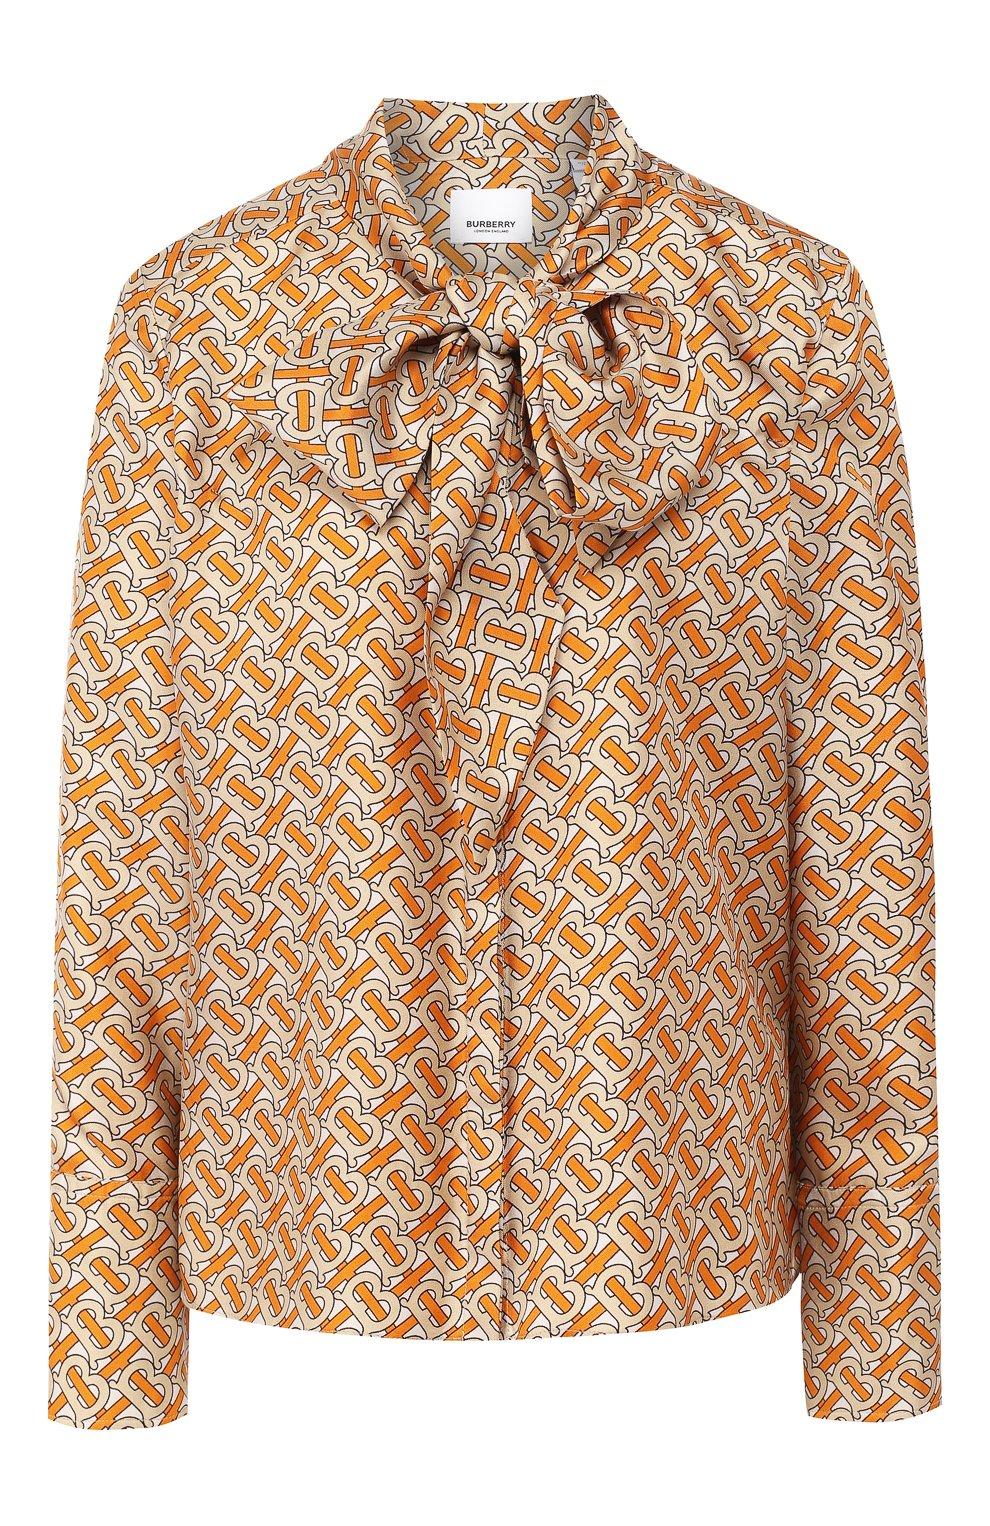 Женская шелковая блузка BURBERRY оранжевого цвета, арт. 4560930 | Фото 1